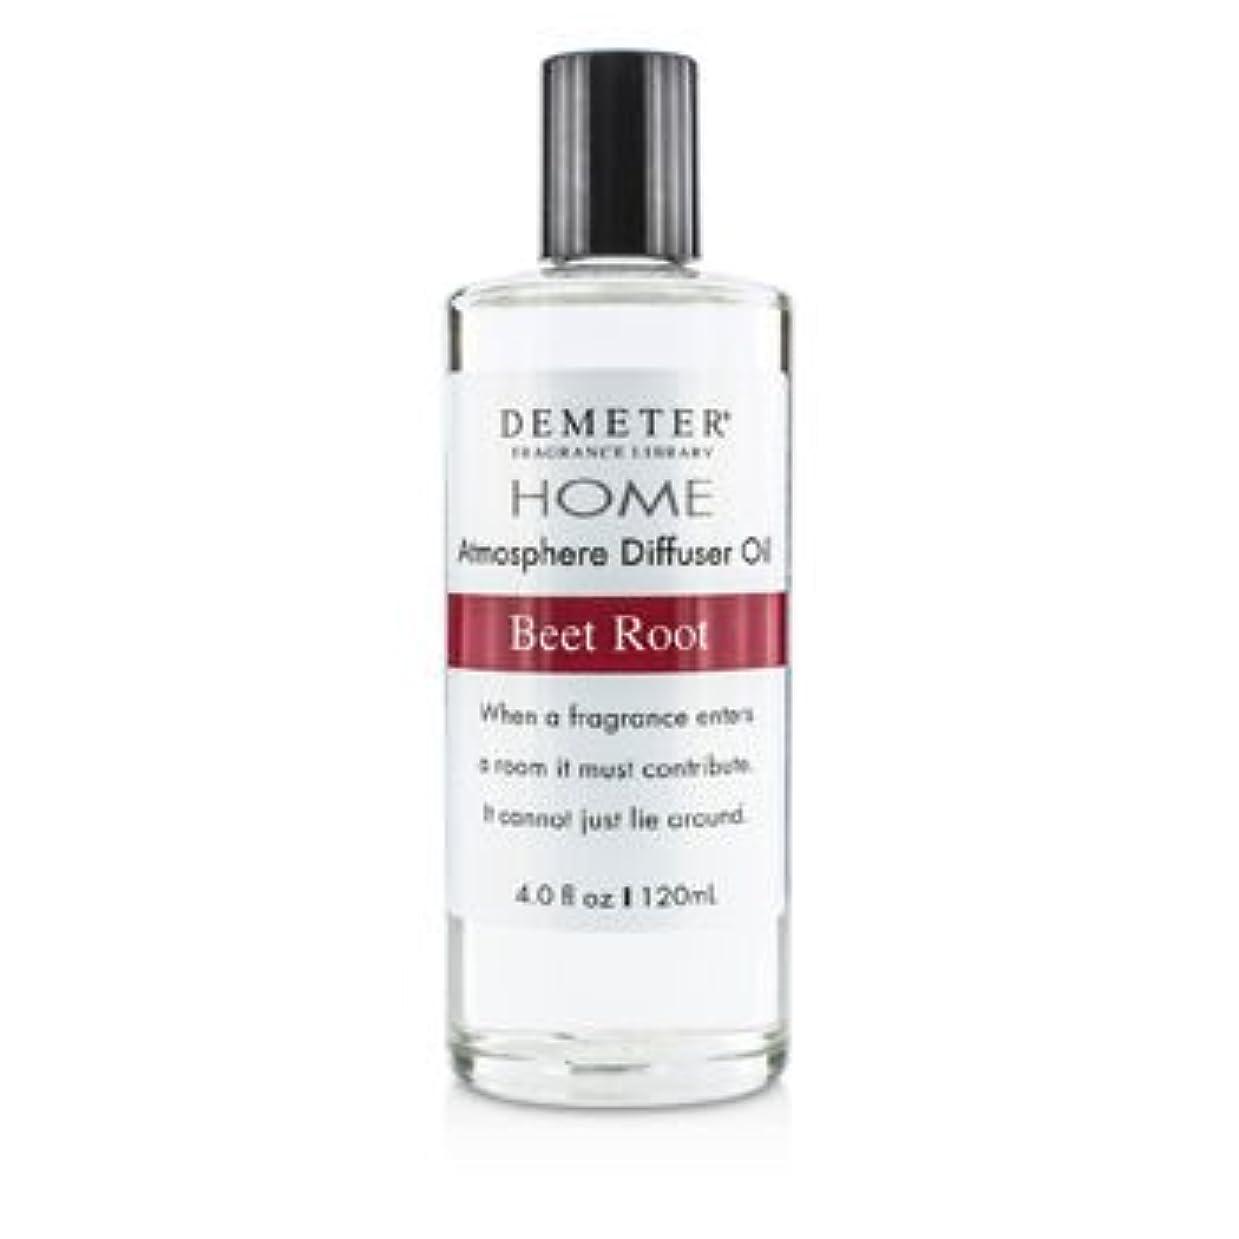 ラダ電球病な[Demeter] Atmosphere Diffuser Oil - Beet Root 120ml/4oz